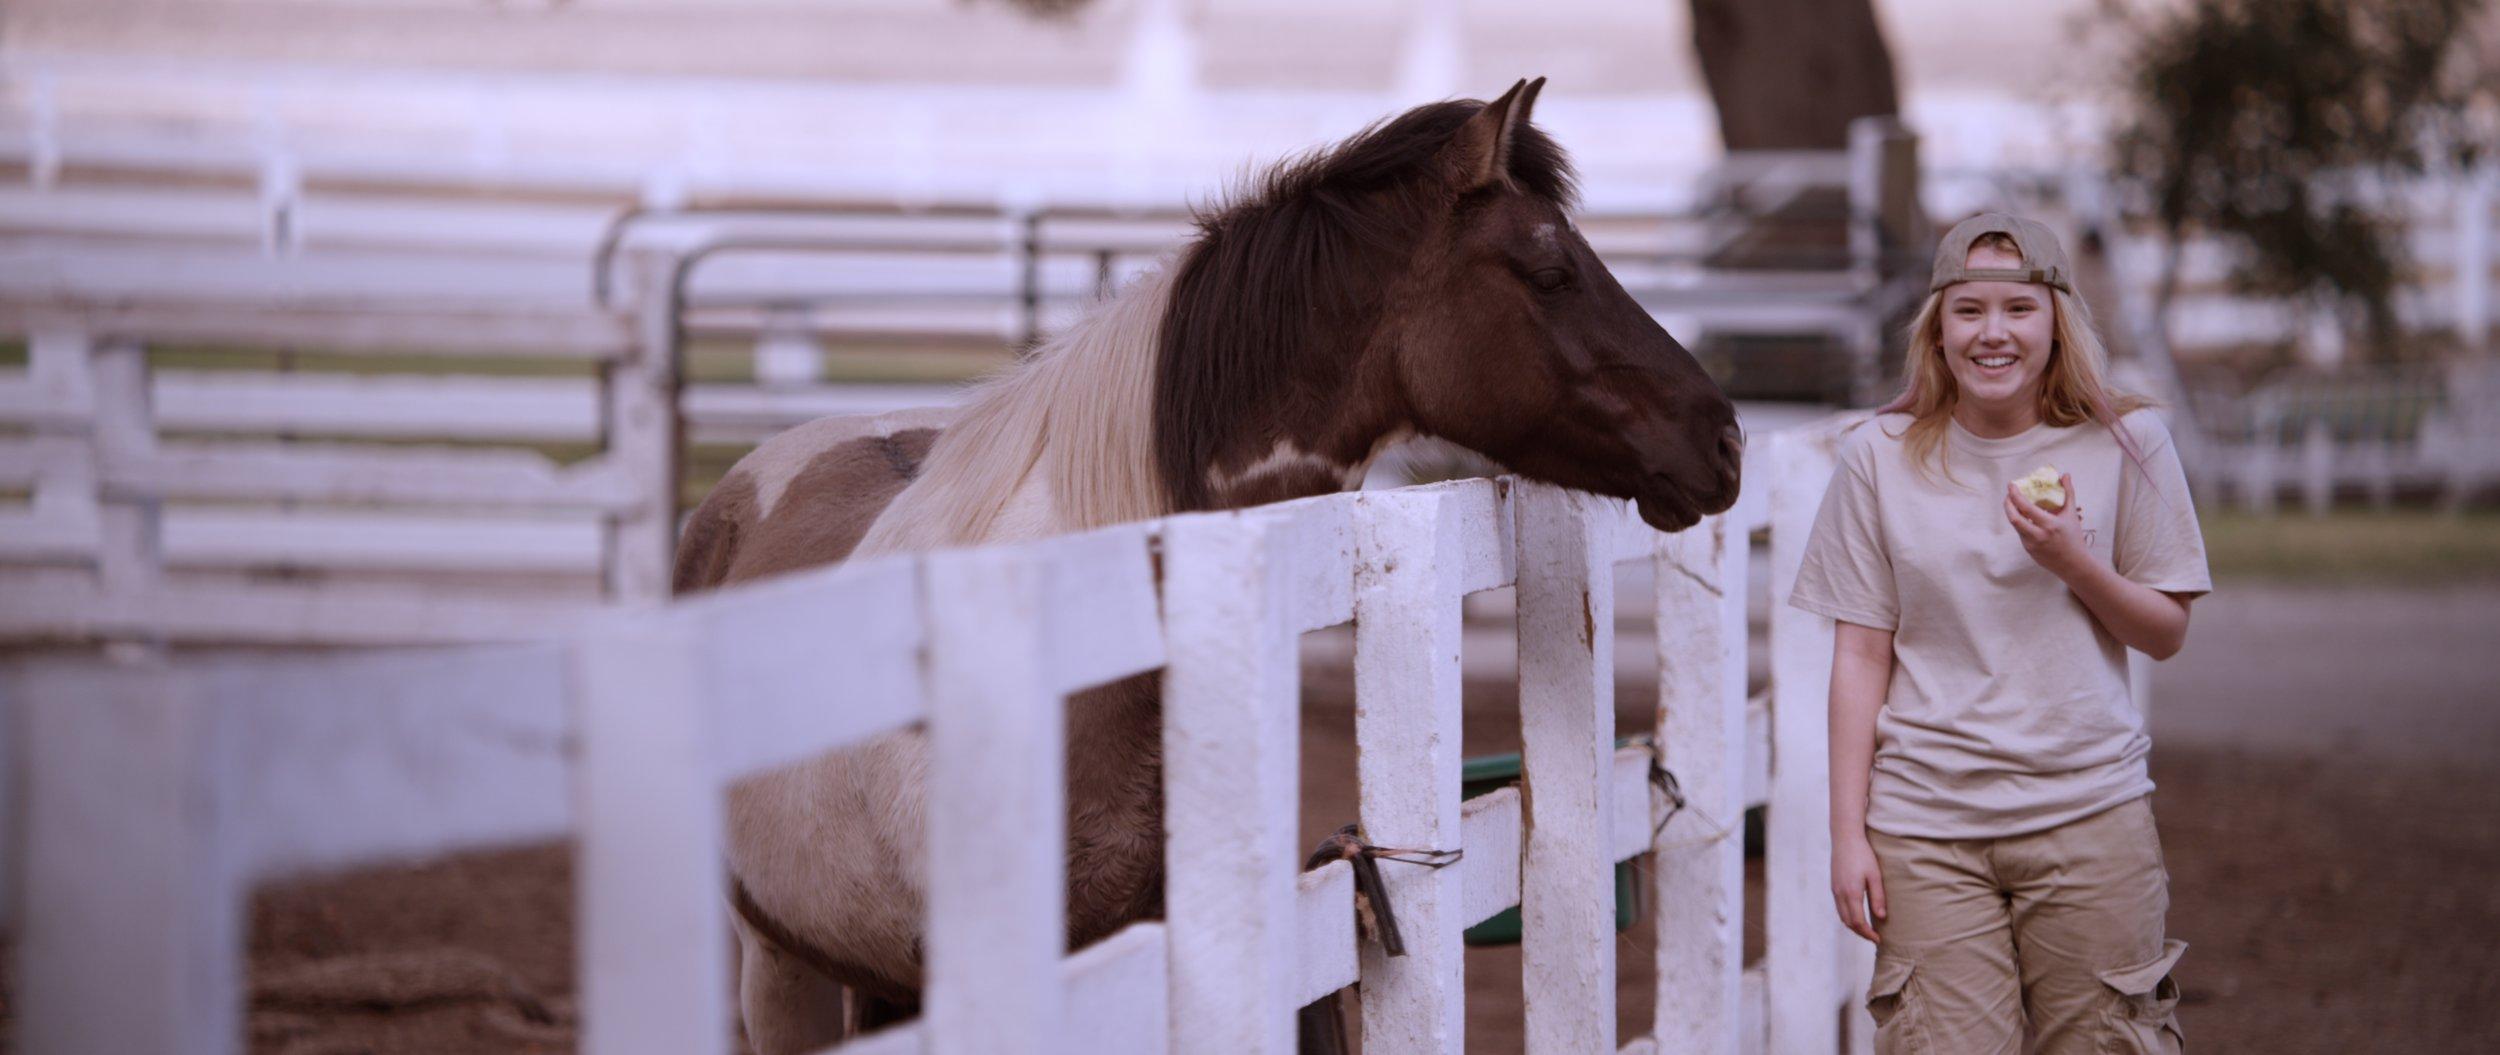 Hannah and horse Betsy at Maheo.jpg